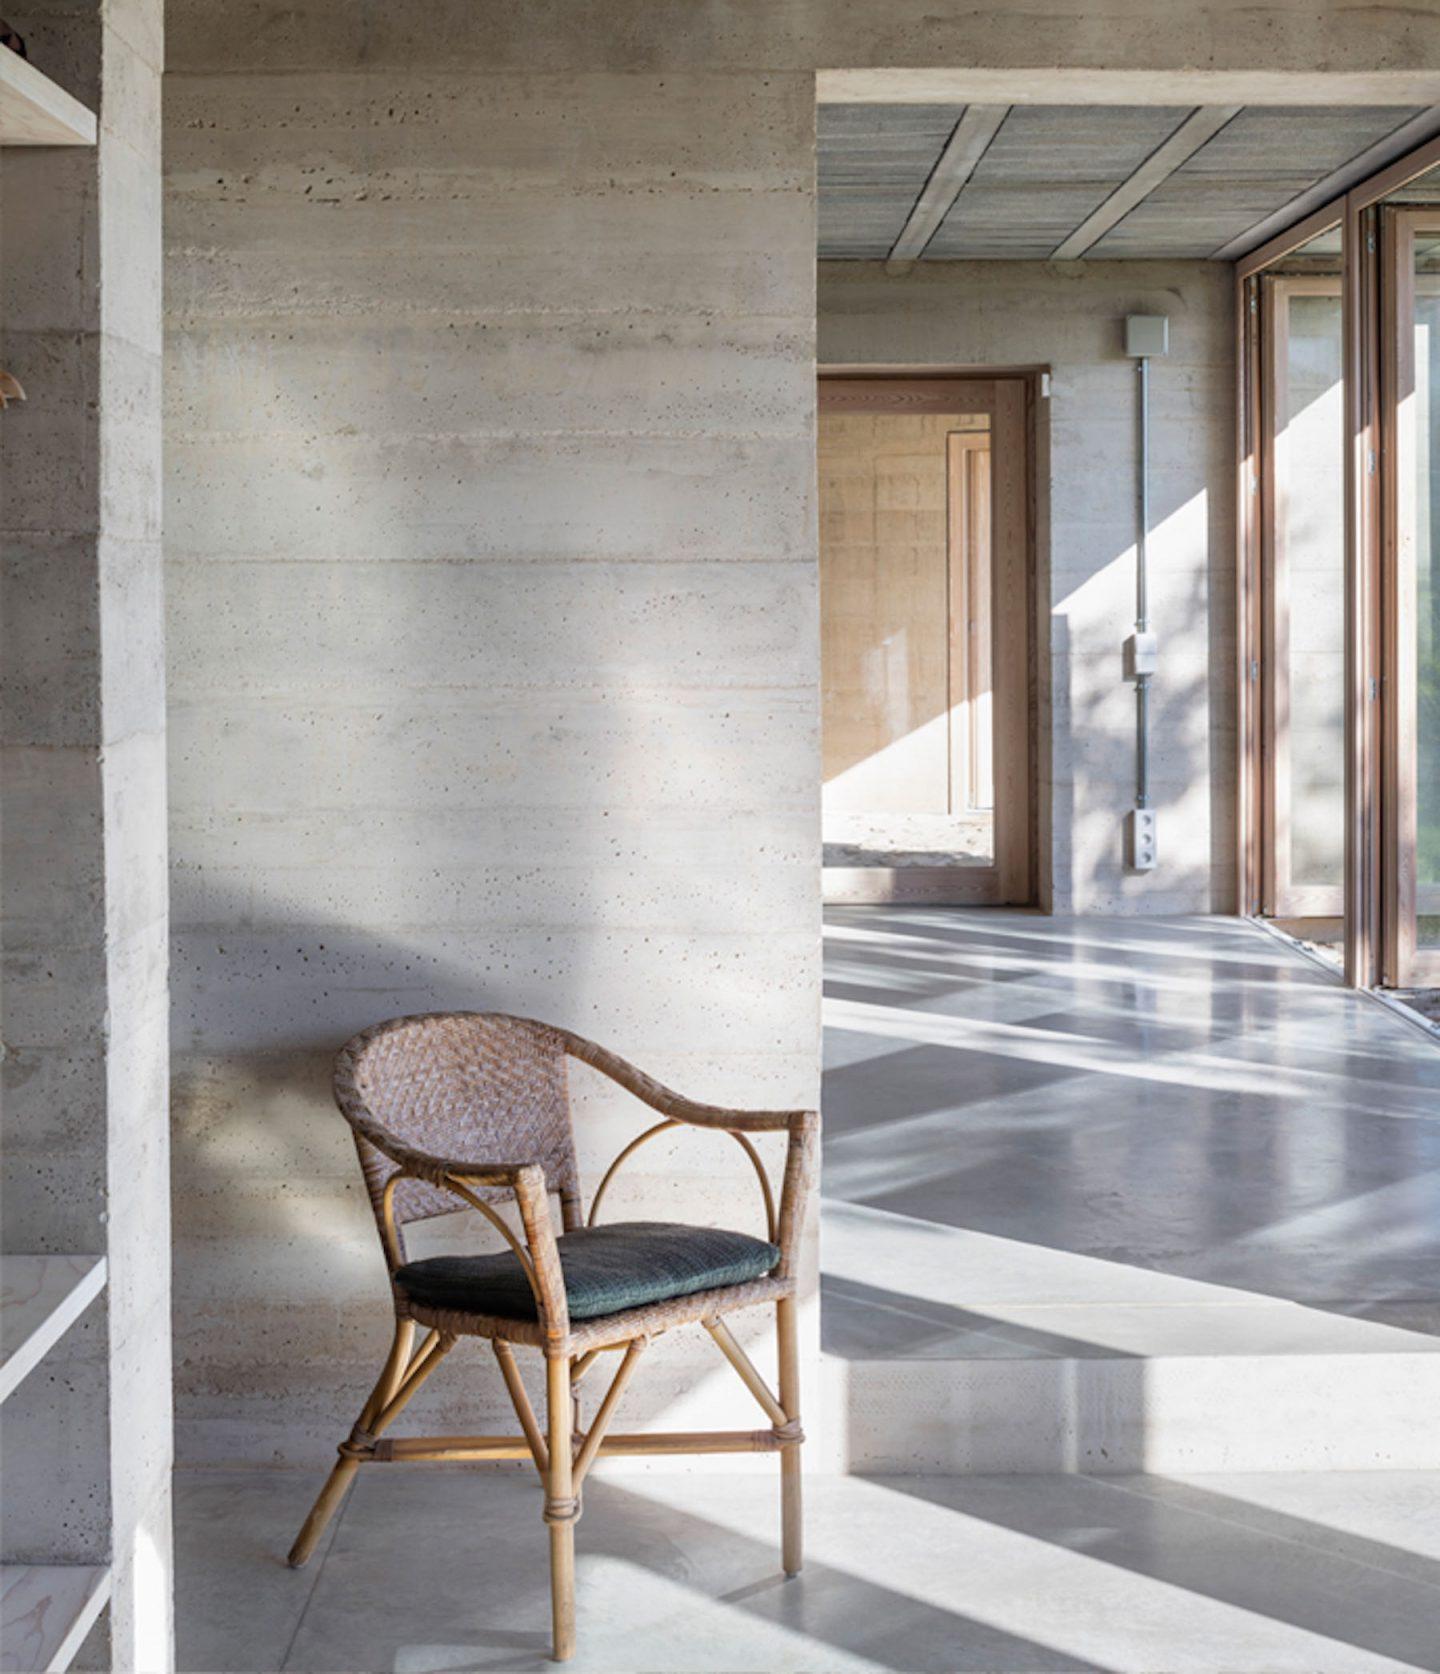 iGNANT-Architecture-Harquitectes-1413-House-22